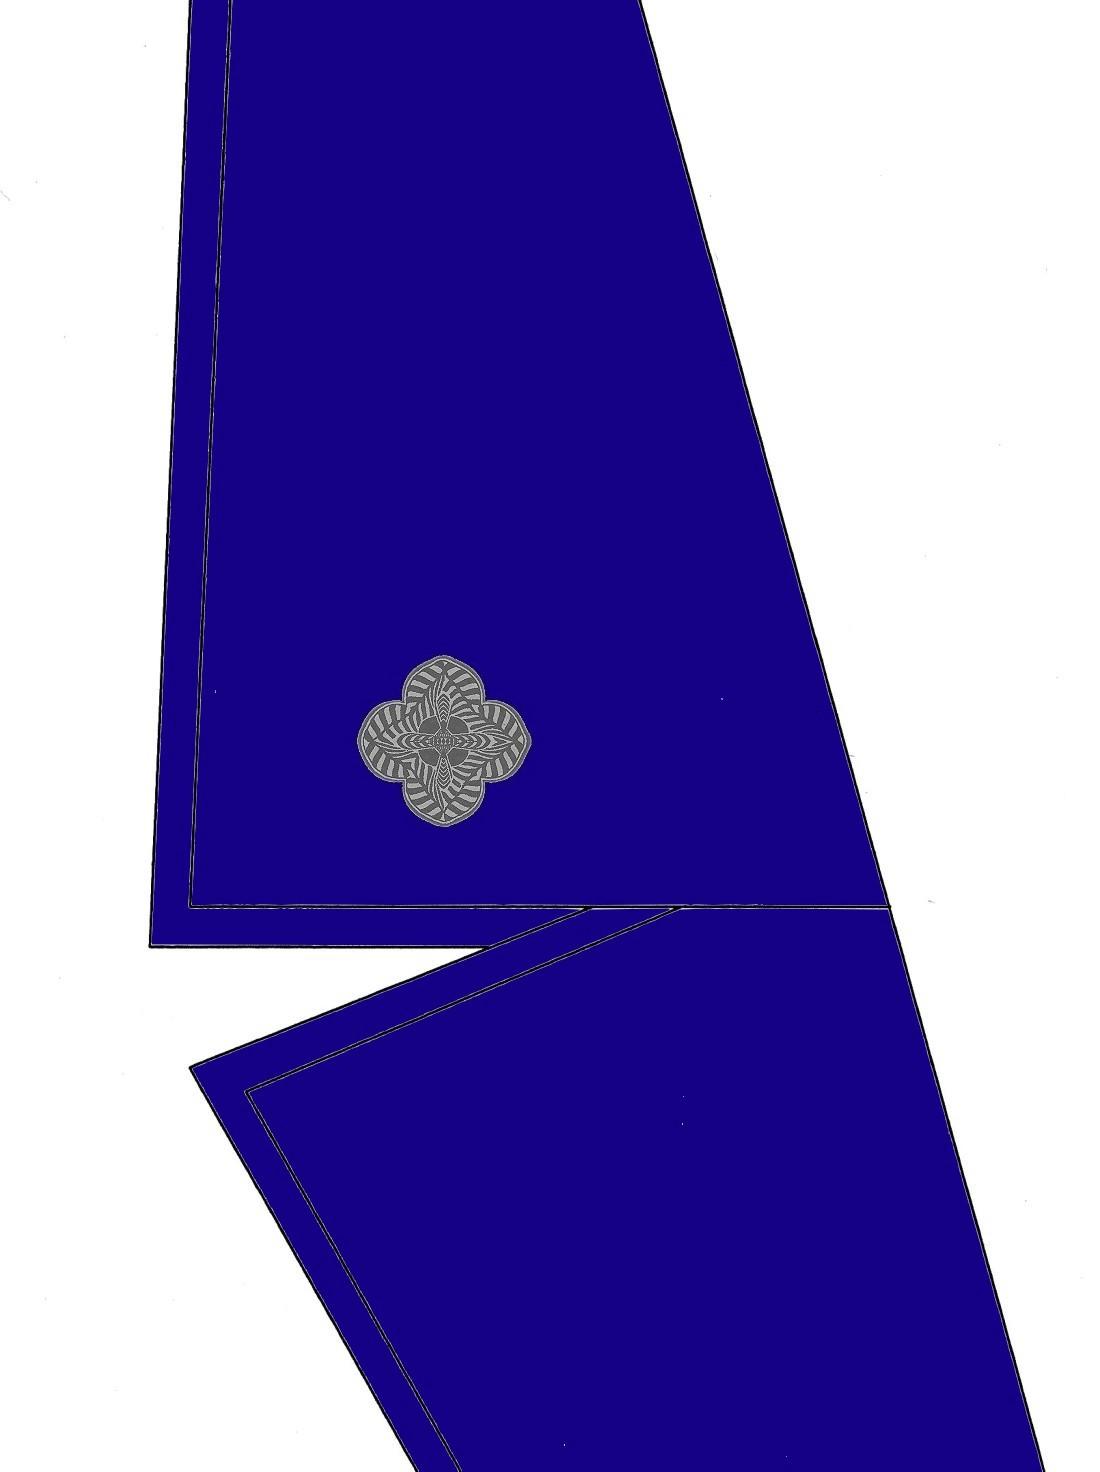 02-kragen-rangabzeichen-gefreiter-hg-blau